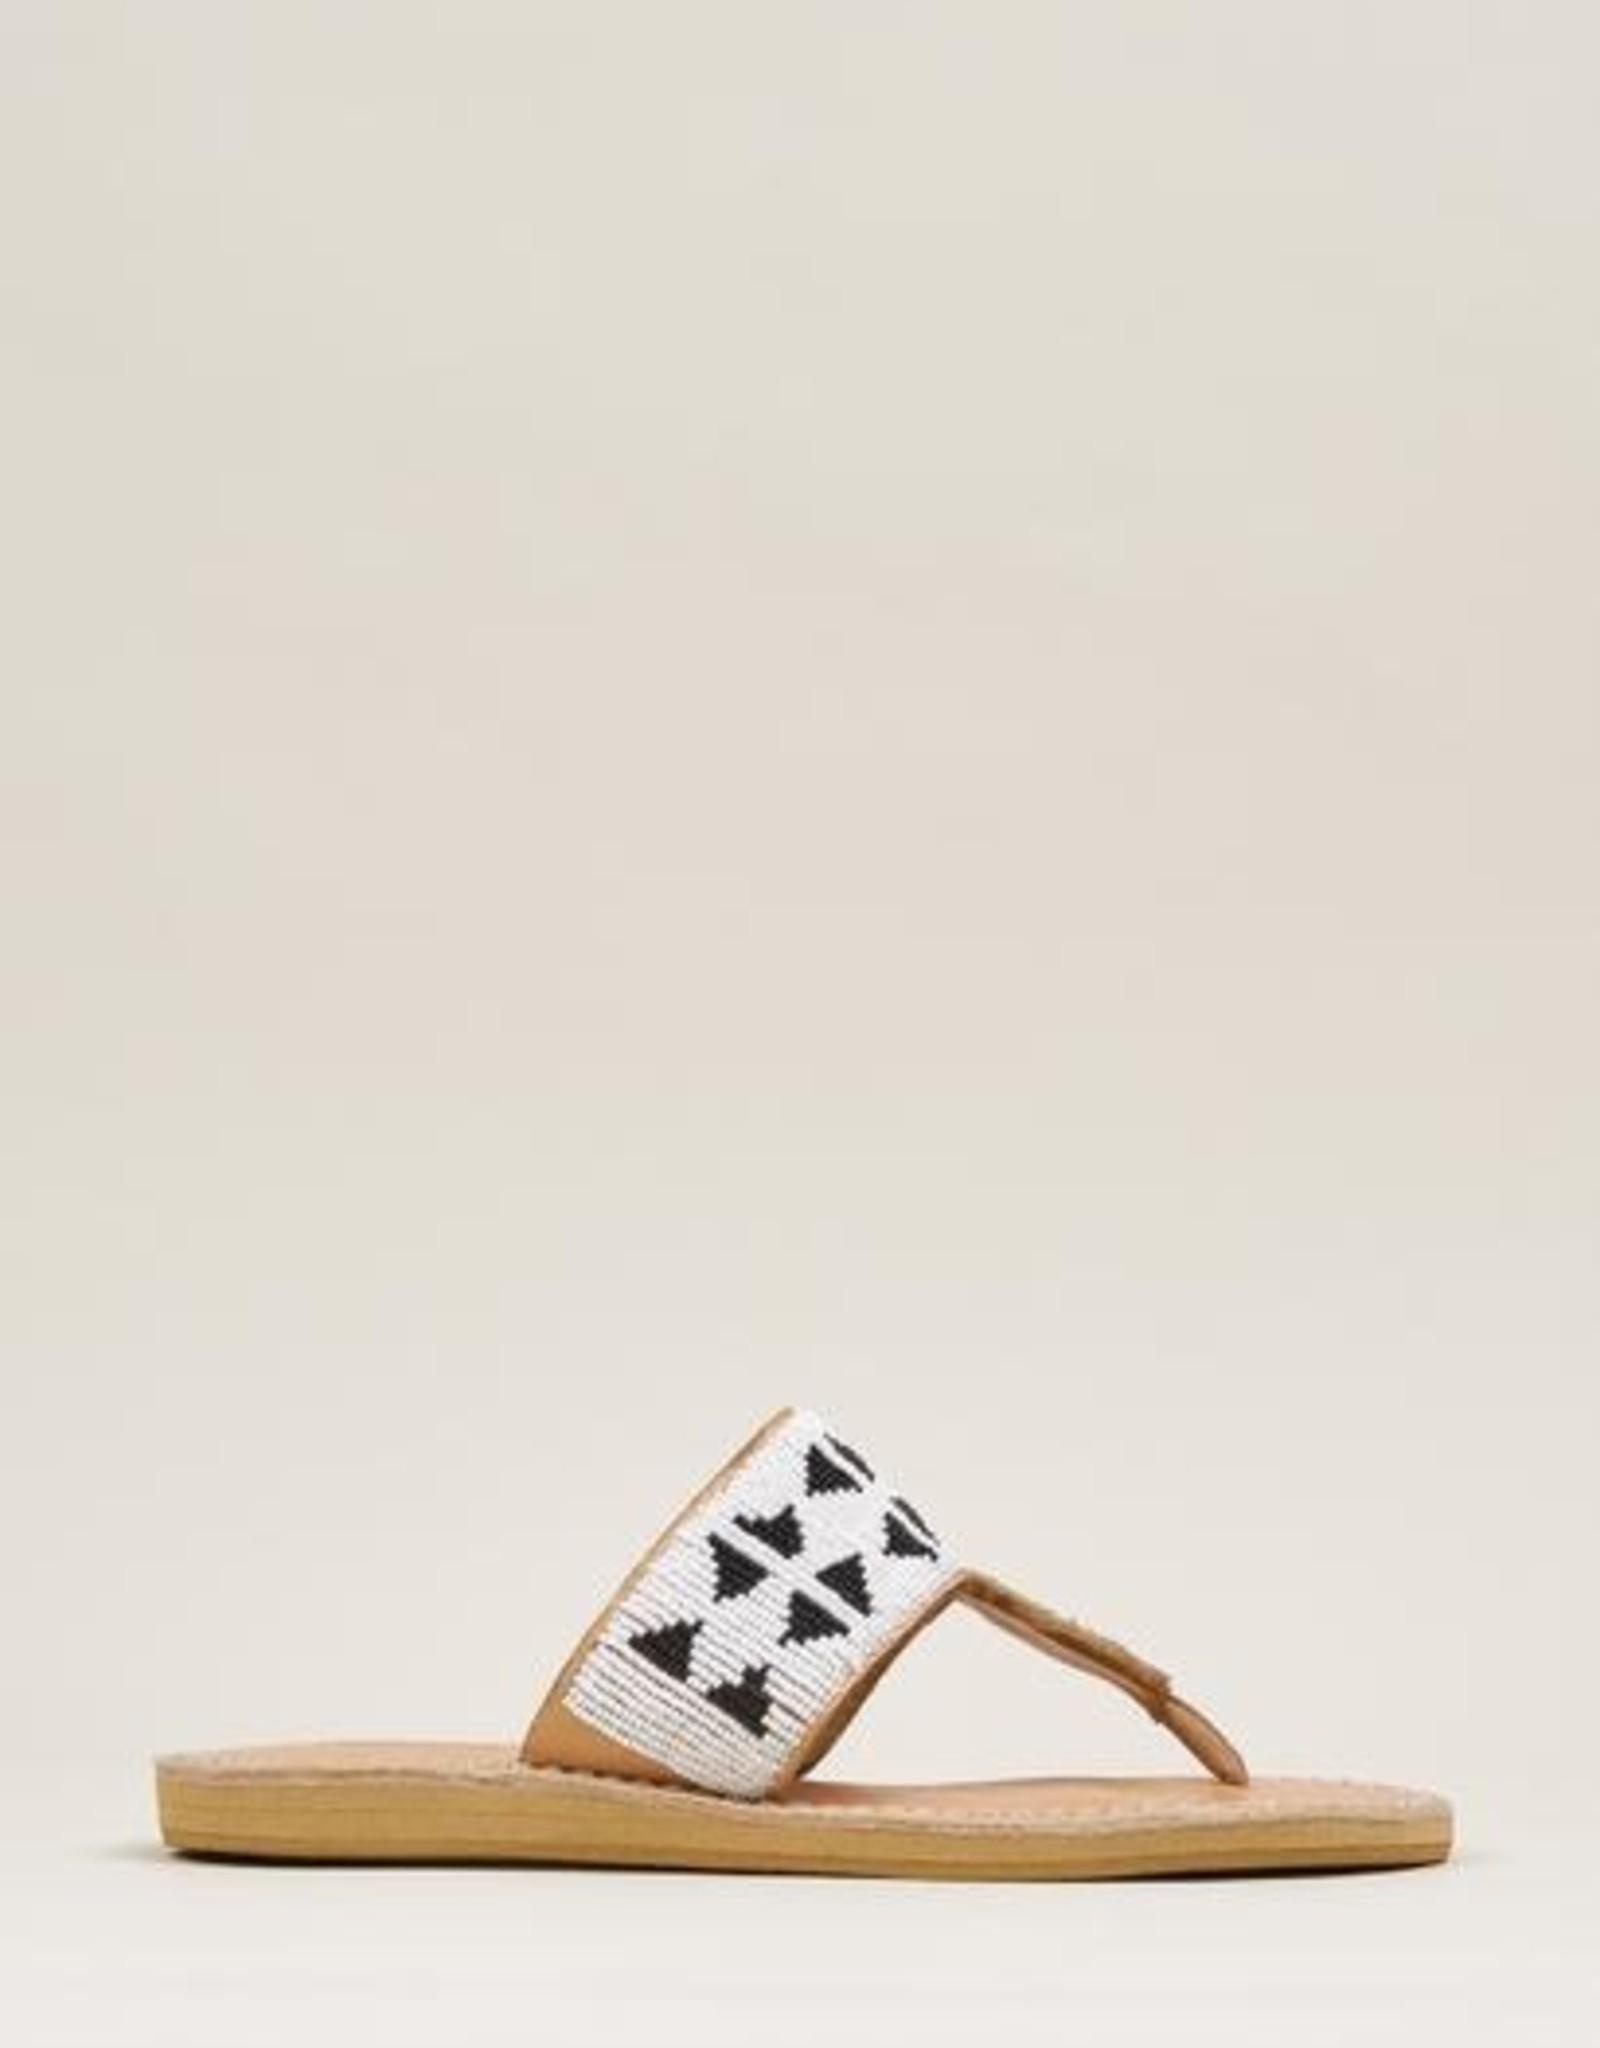 Heron Sandals